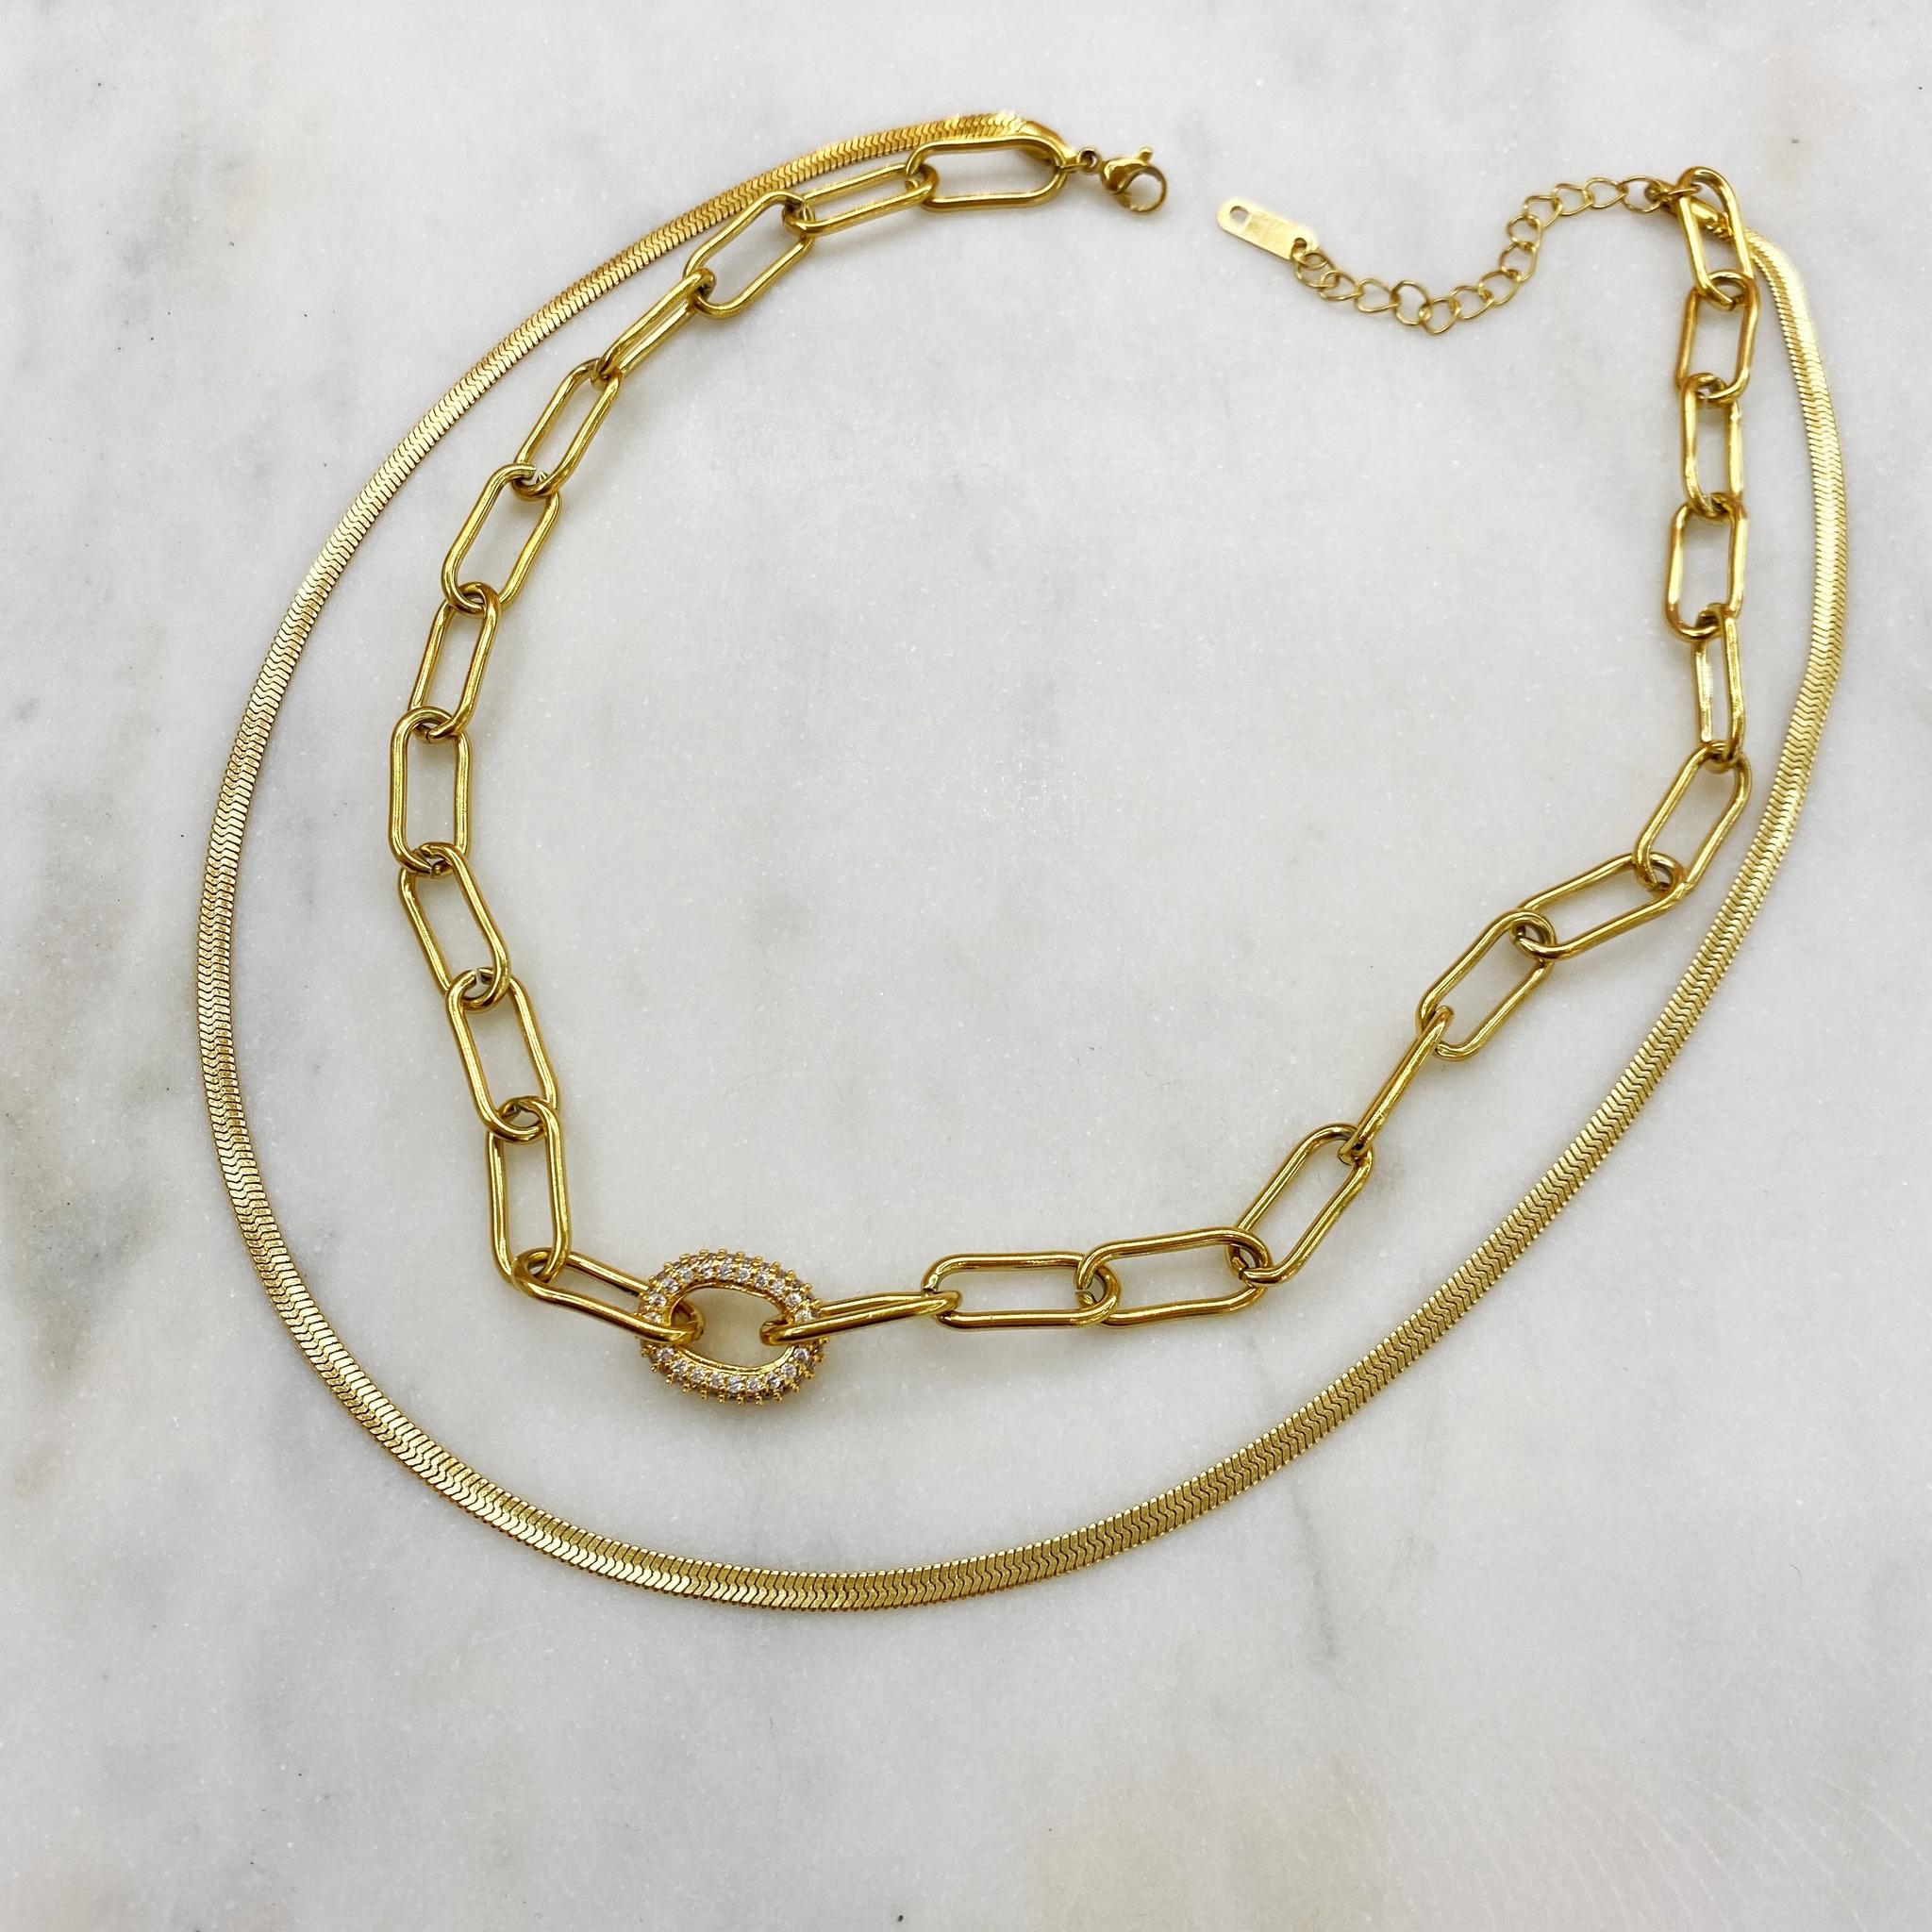 Колье двойное цепь и колье-снэйк, сталь (золотистый)